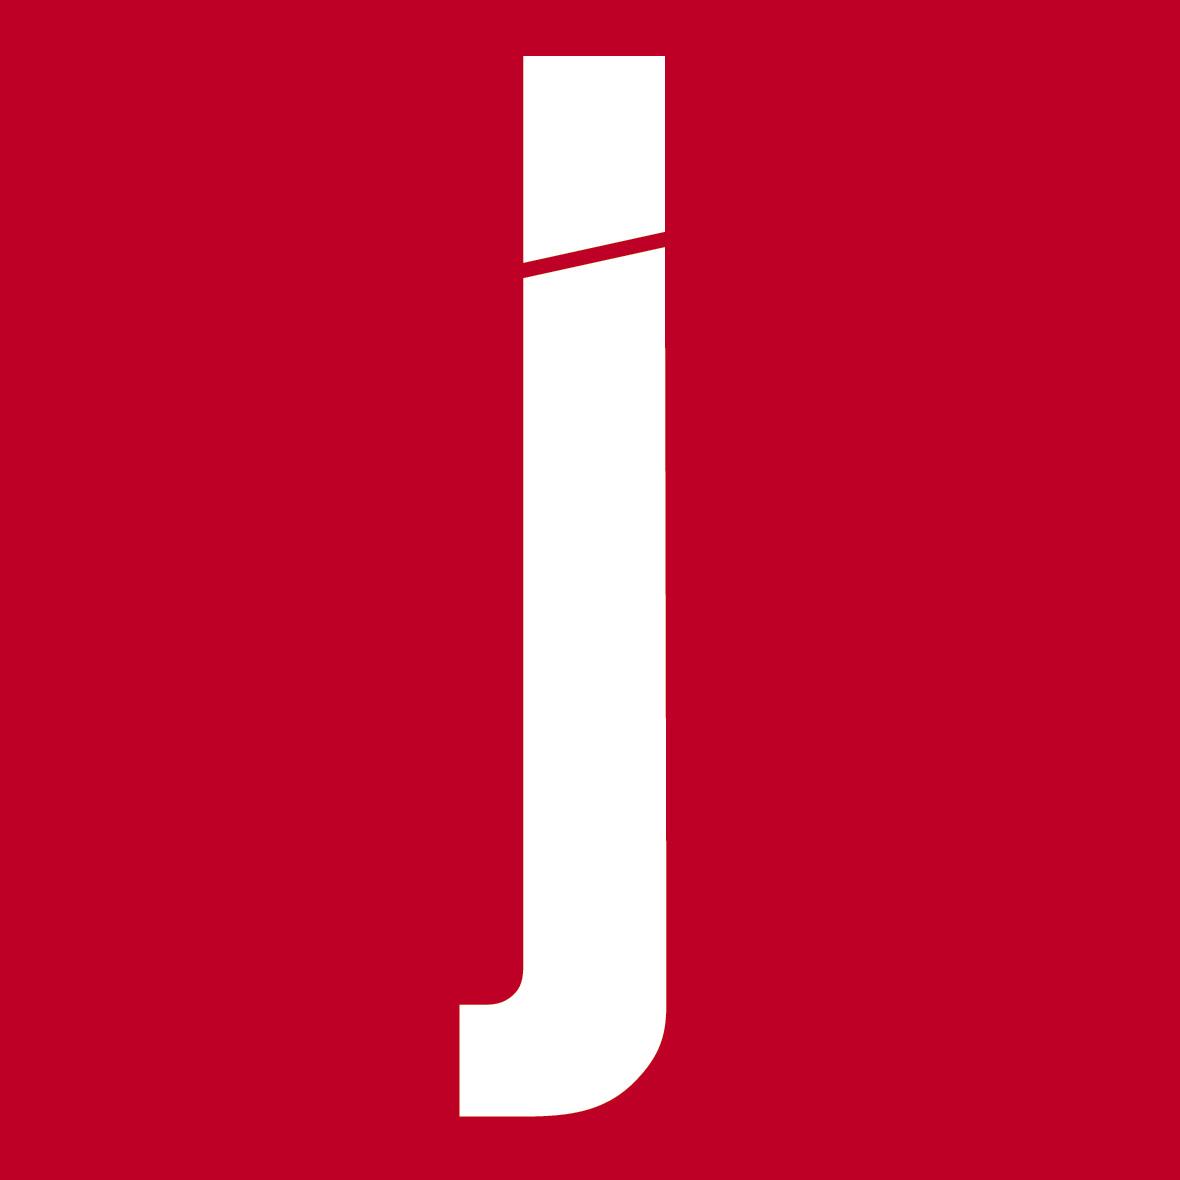 www.jazzwise.com